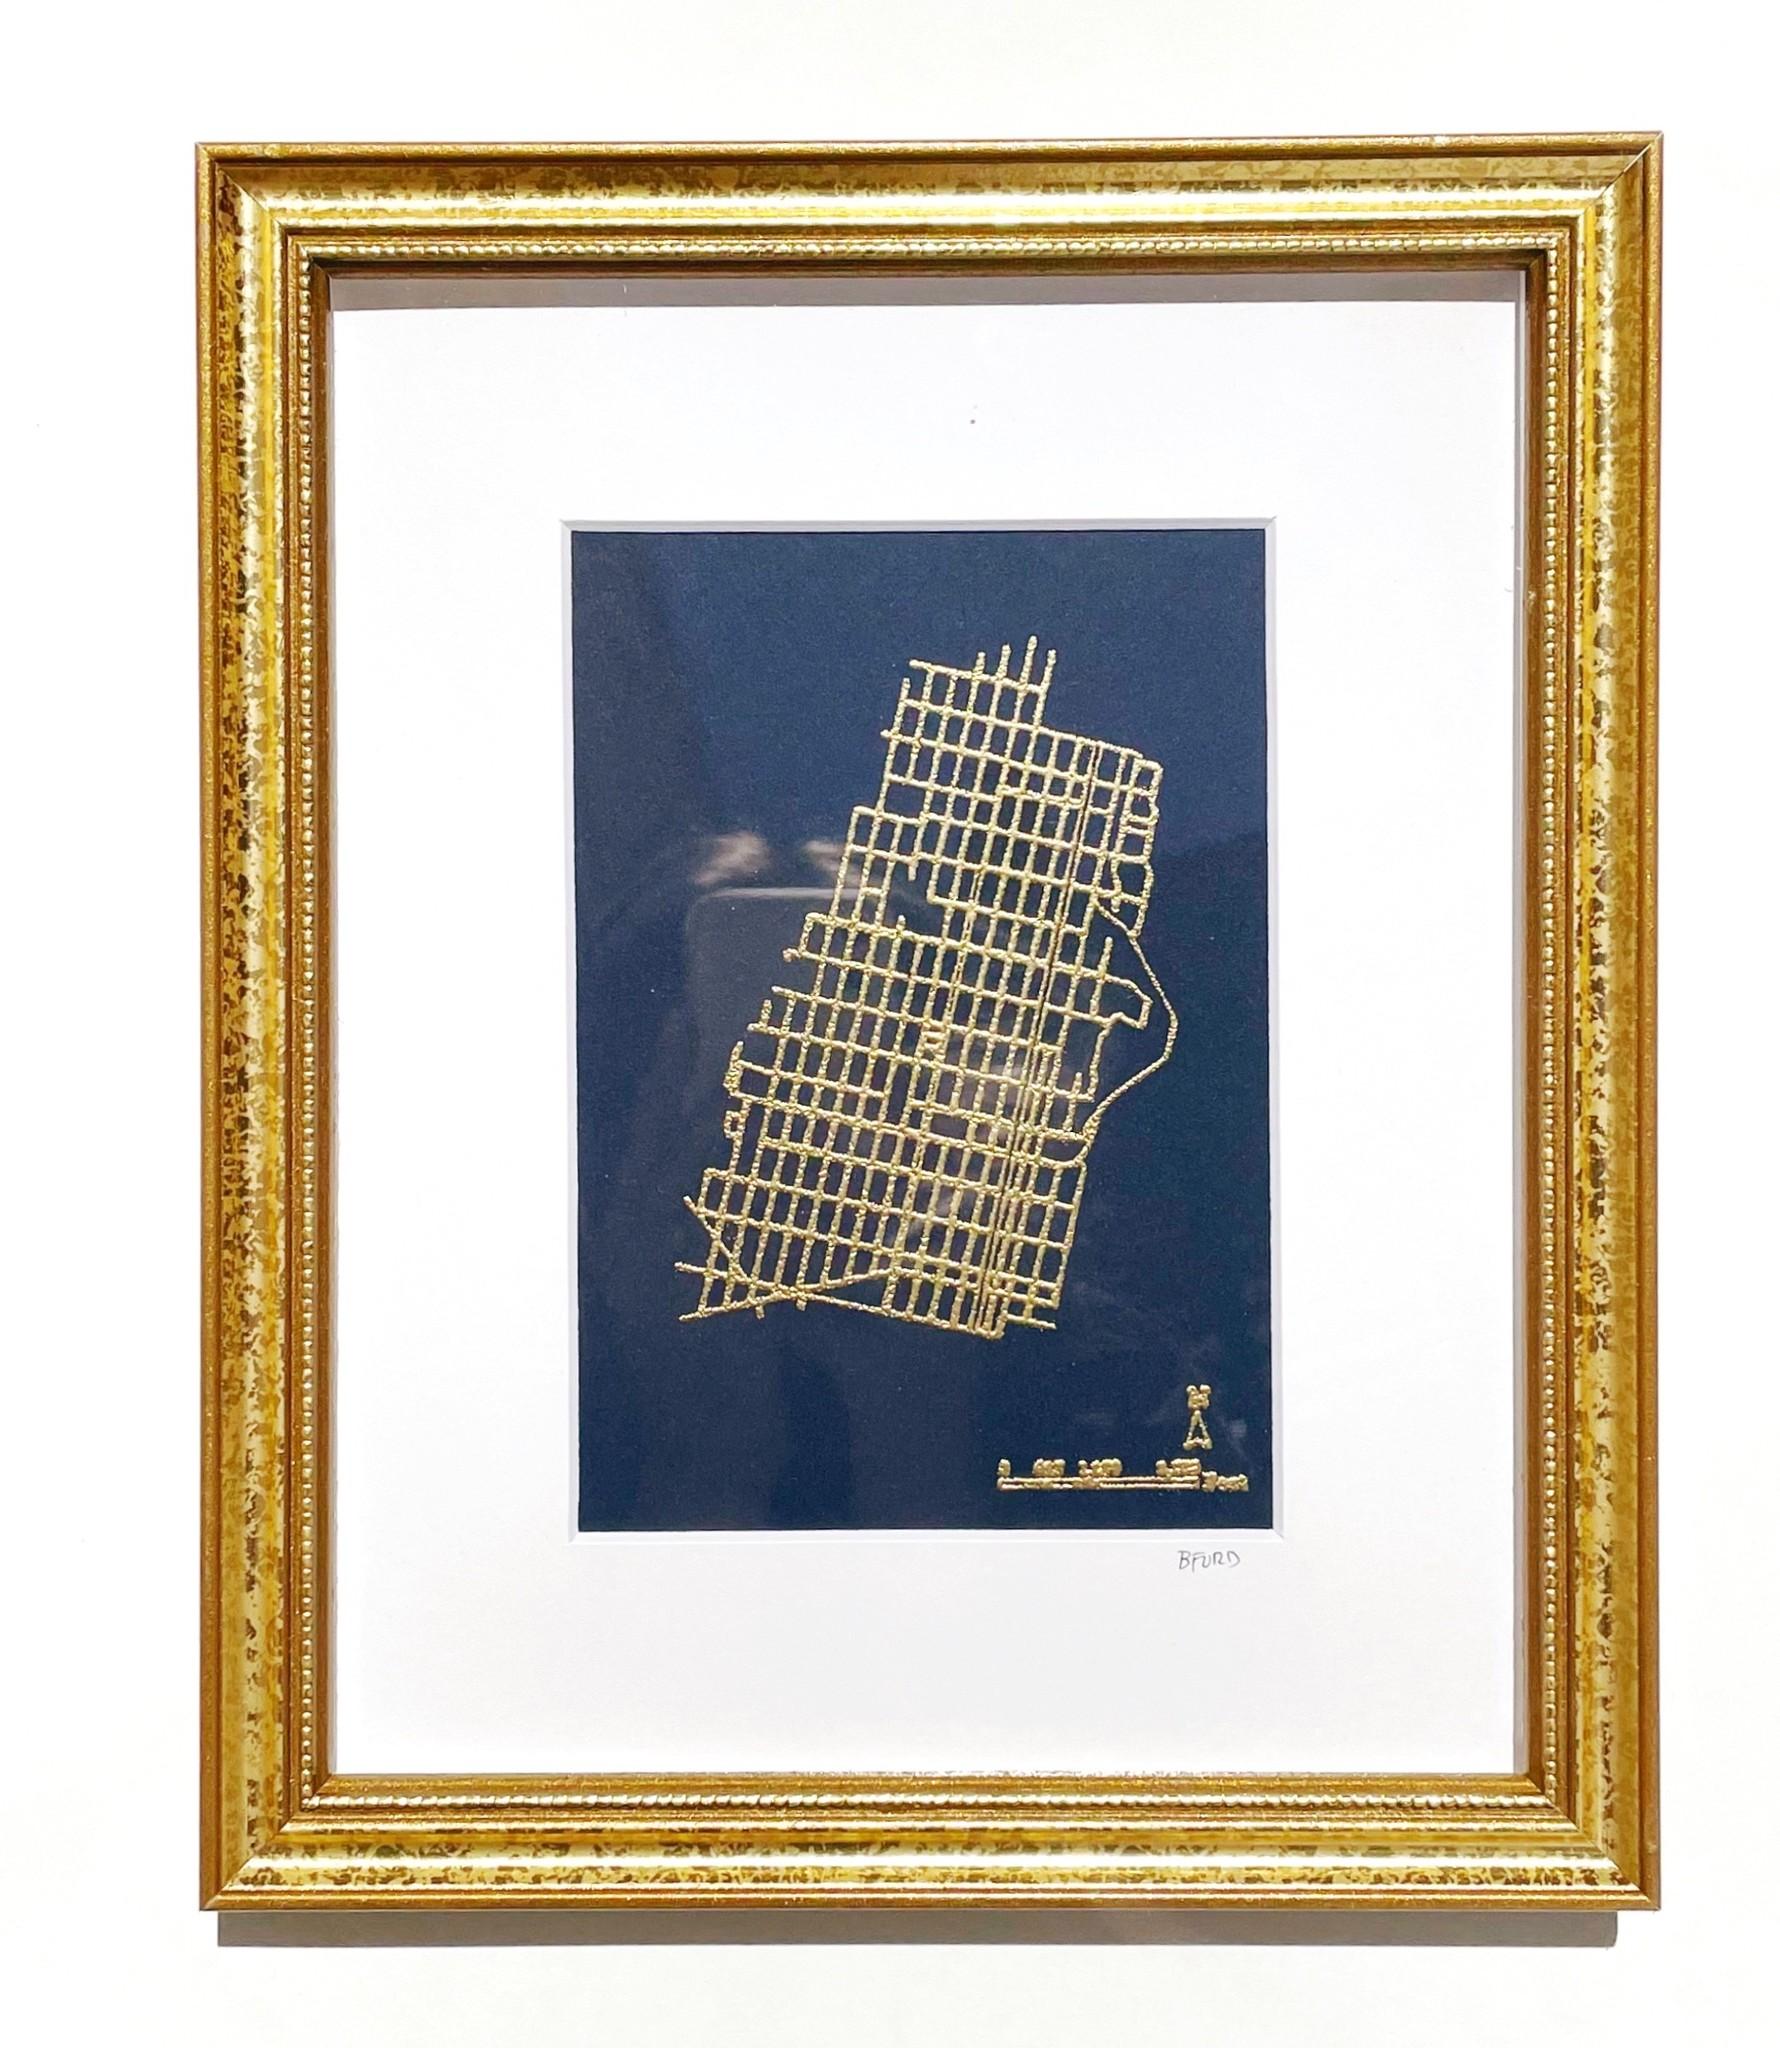 Britt Ford Framed & Matted Hoboken Embossed Map 5x7 - Navy w/ Gold.  Gold Frame